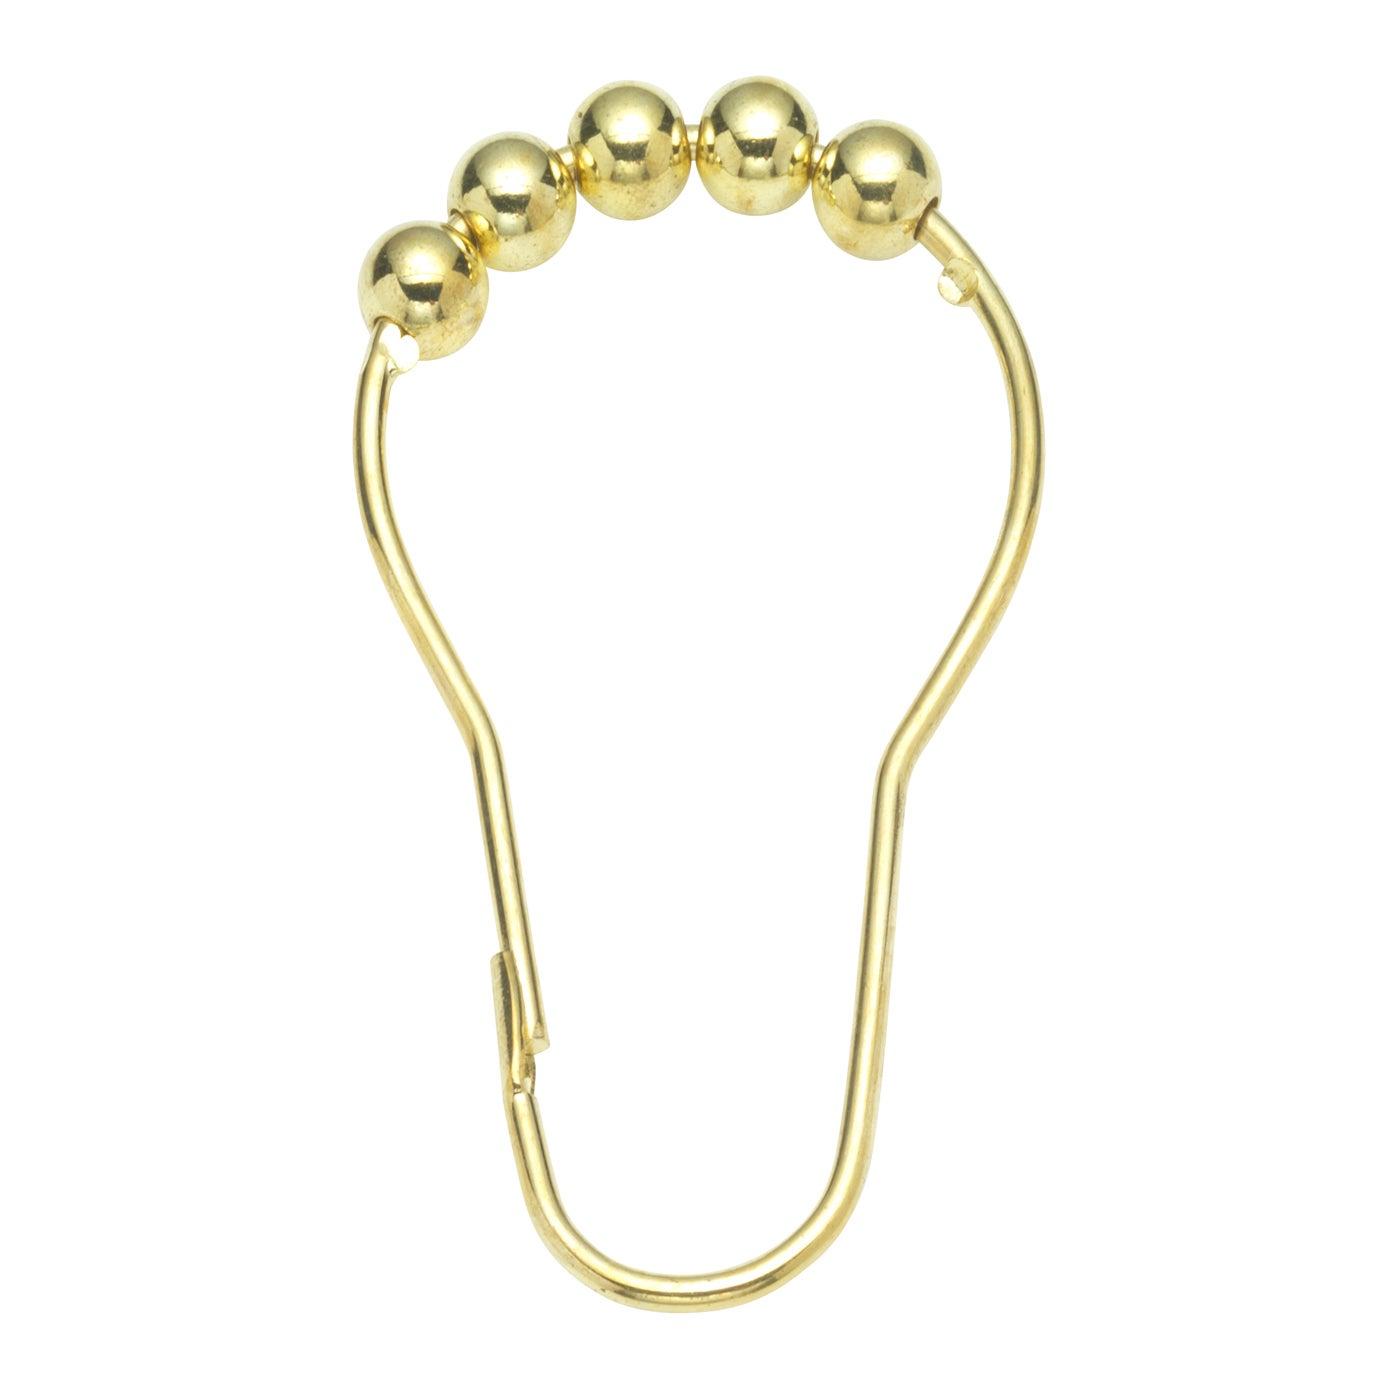 12 Piece Brass Shower Curtain Roller Hooks